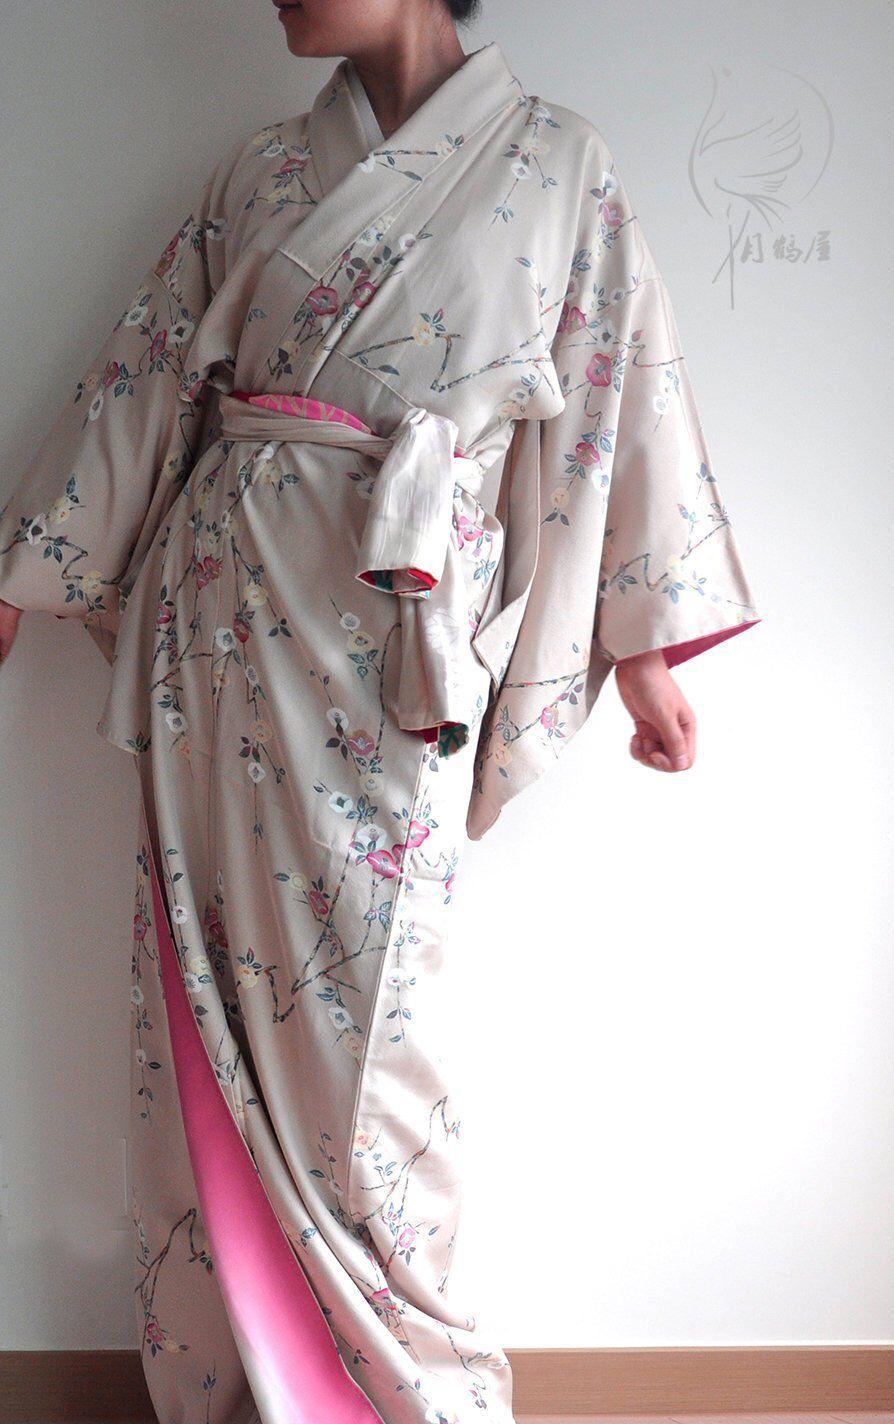 41f080270 Japanese silk long kimono robe, vintage floral tsubaki camellia women's  maxi kimono gown dress,